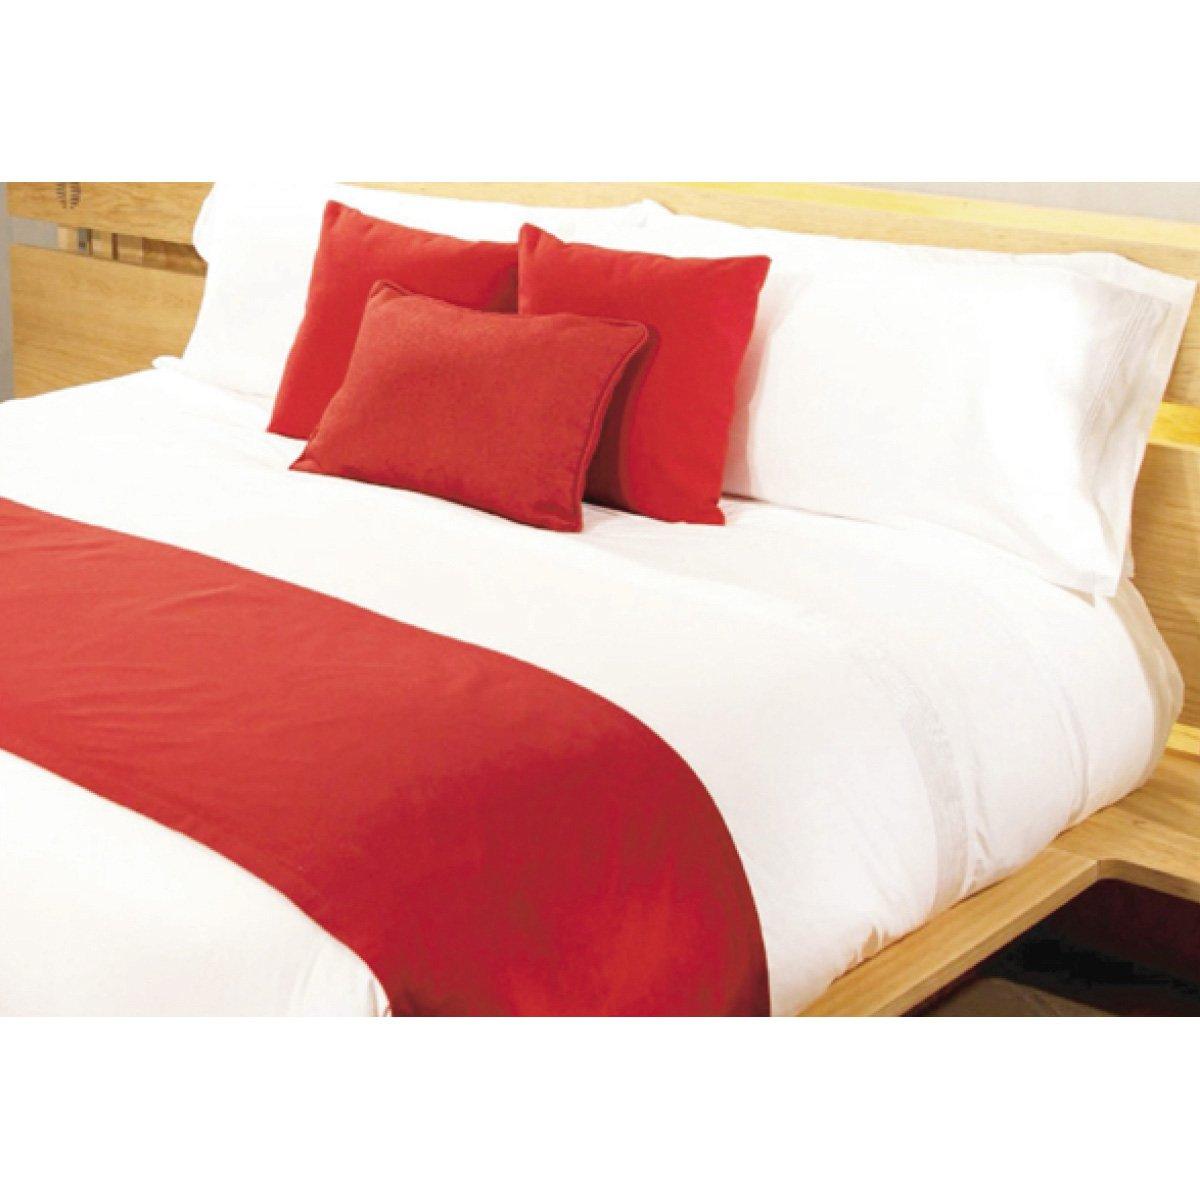 Juego de cojines y pie de cama rojo home nature - Juego de cojines para cama ...